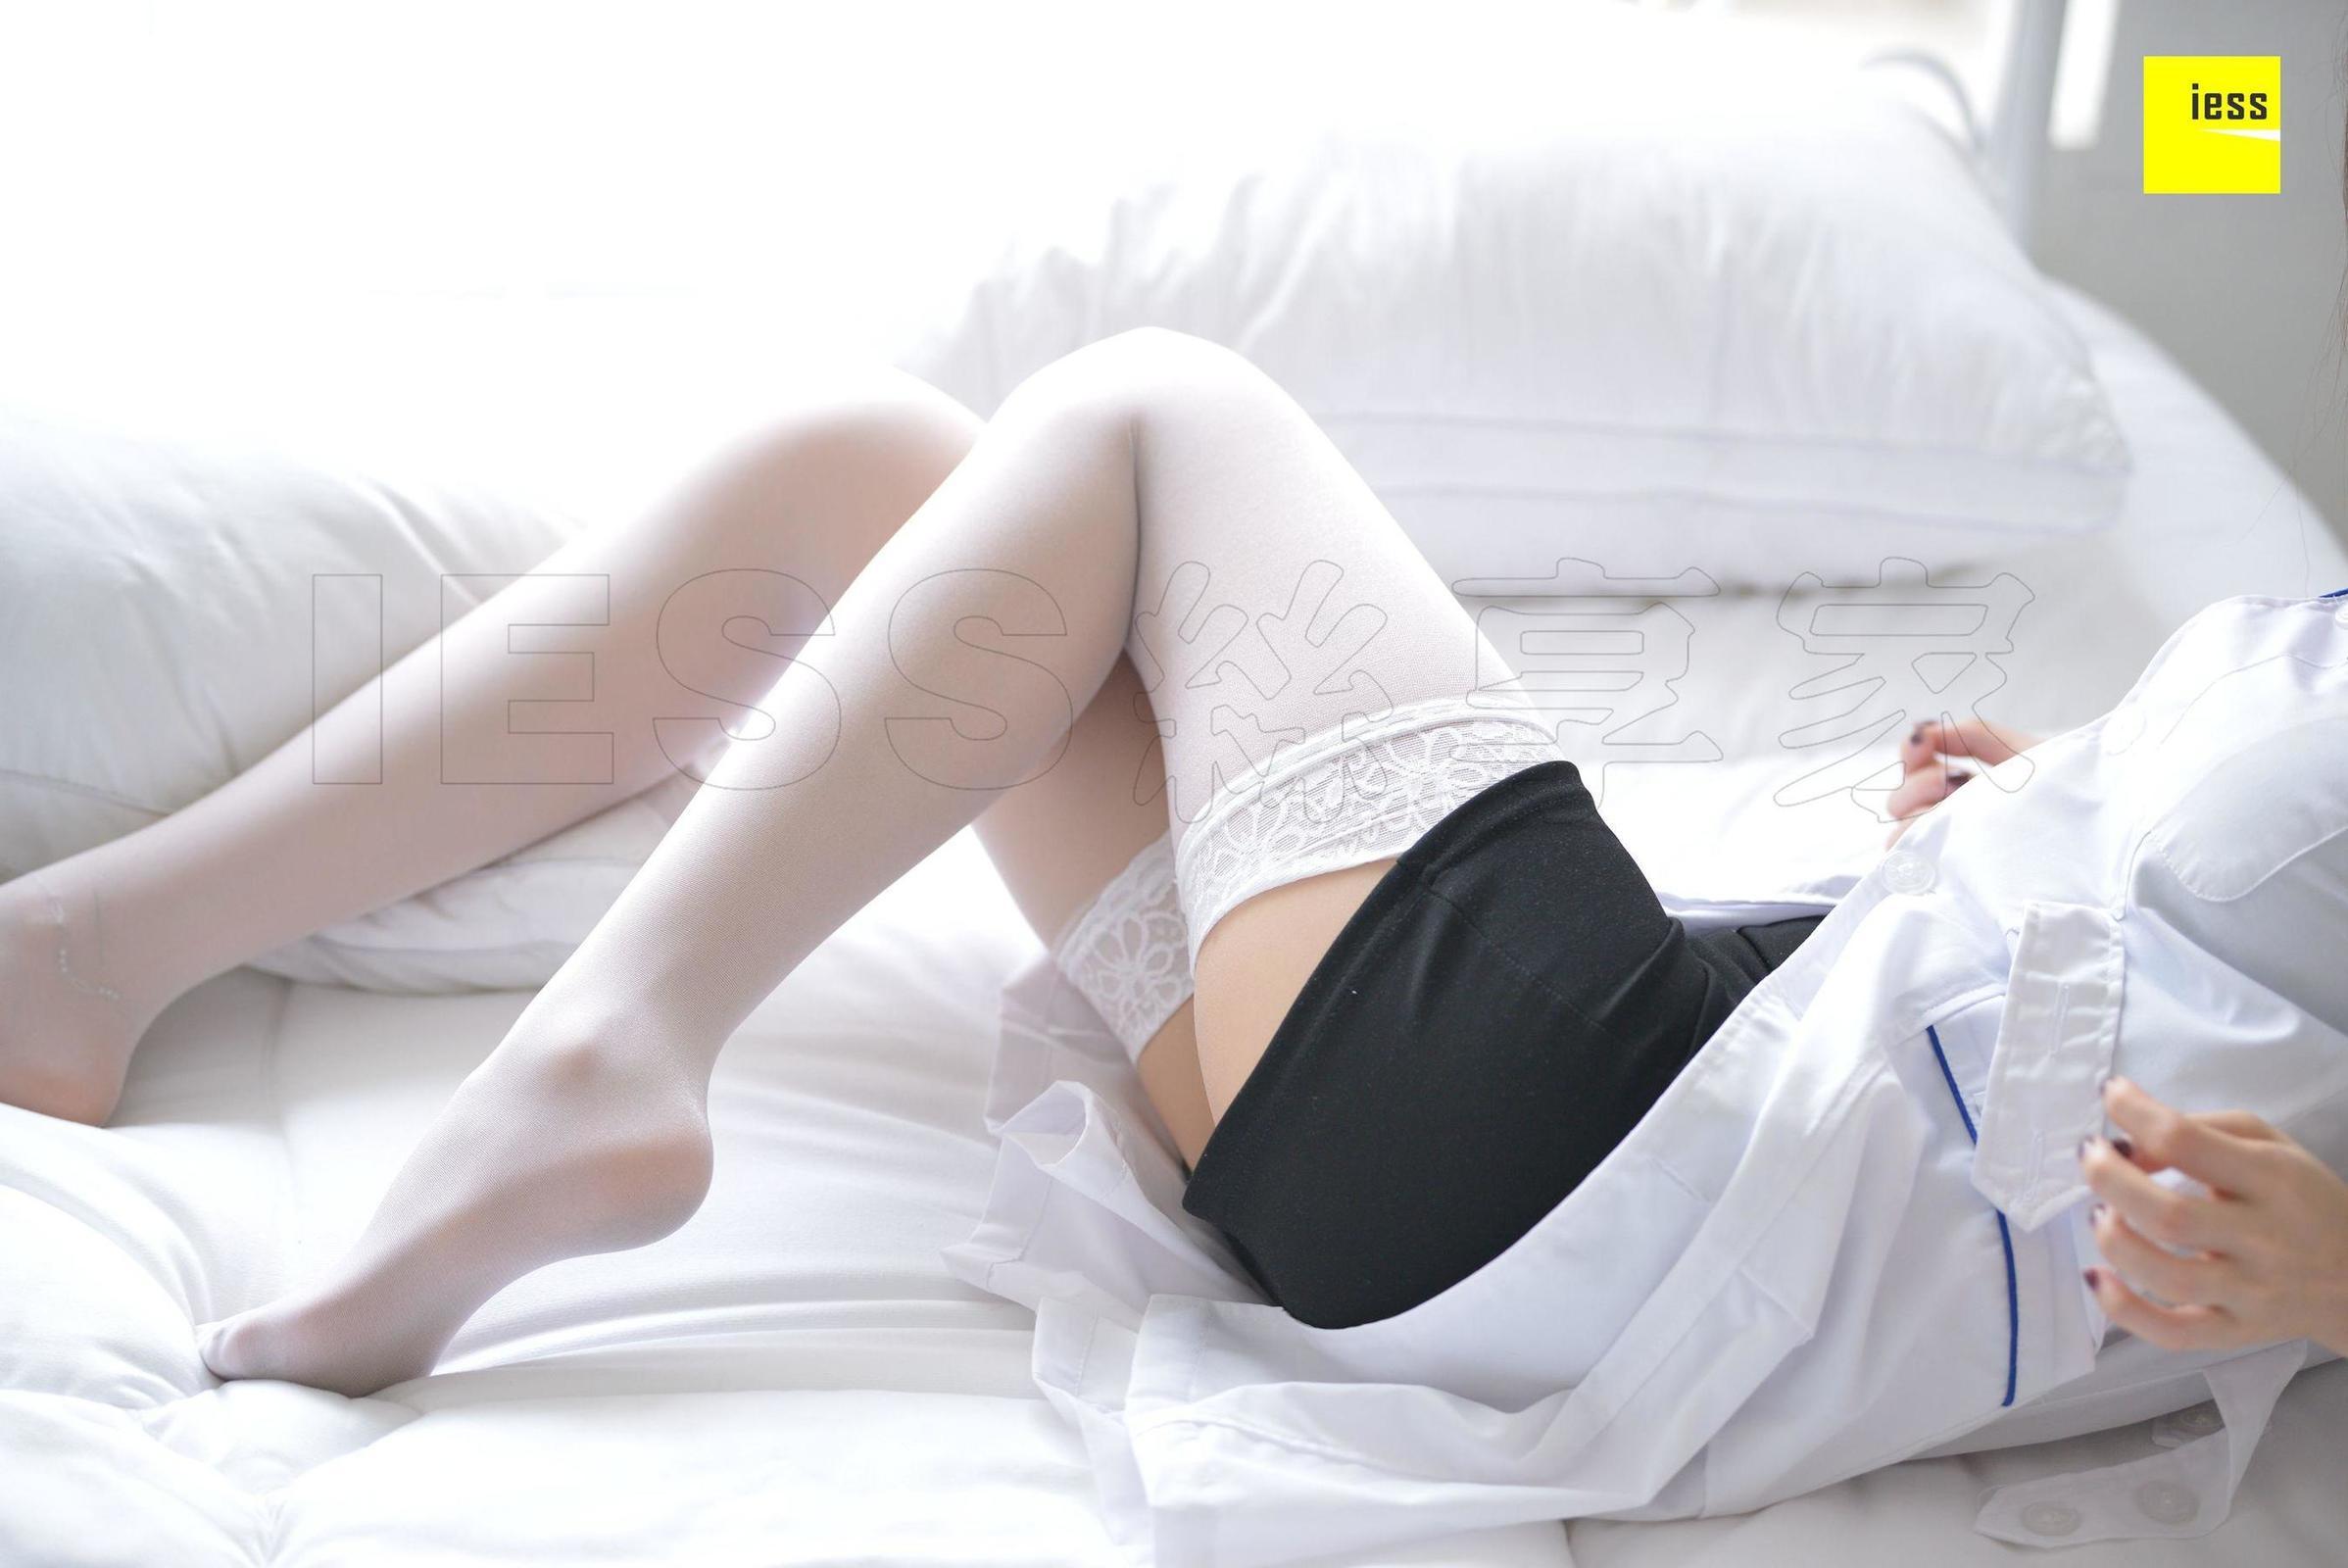 魔鬼周三特刊11期 佳爷 - 小护士佳爷